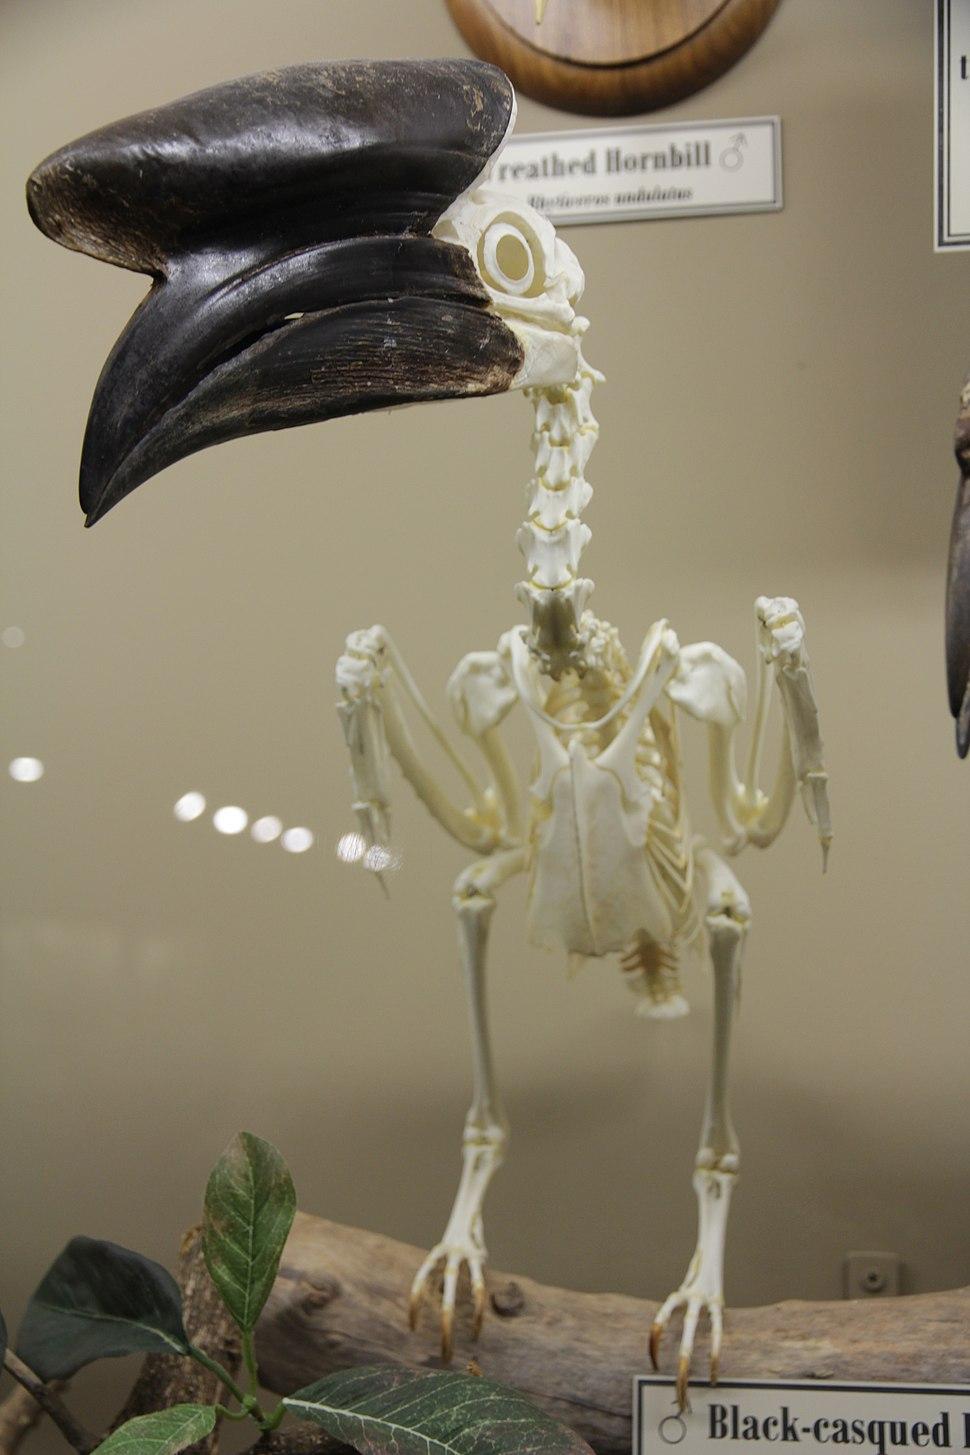 Black-casqued hornbill male skeleton